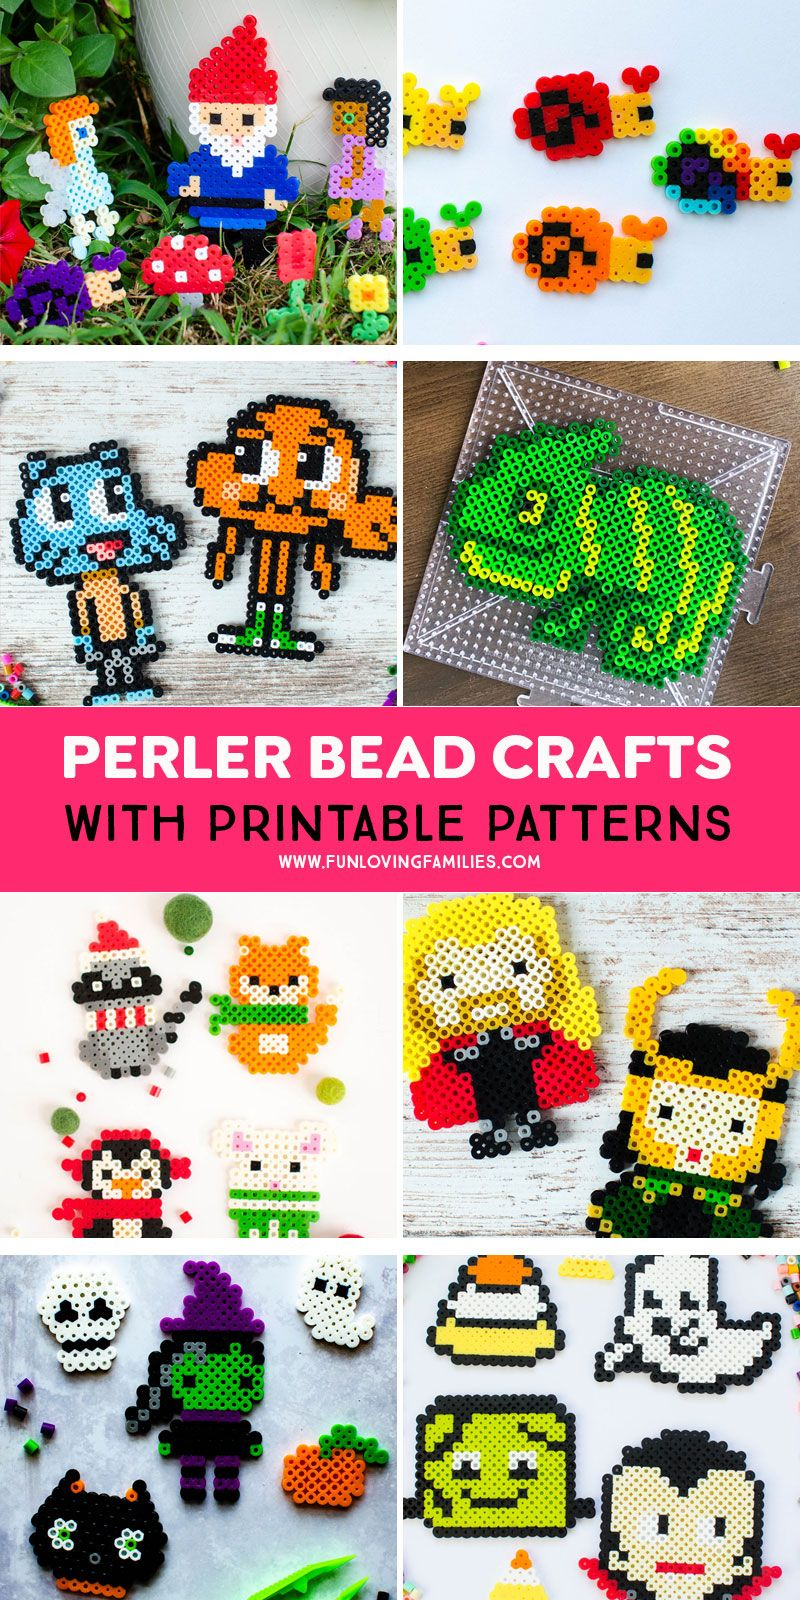 Free Perler Bead Patterns : perler, patterns, Perler, Patterns, Craft, Ideas, Loving, Families, Patterns,, Pearl, Beads, Pattern